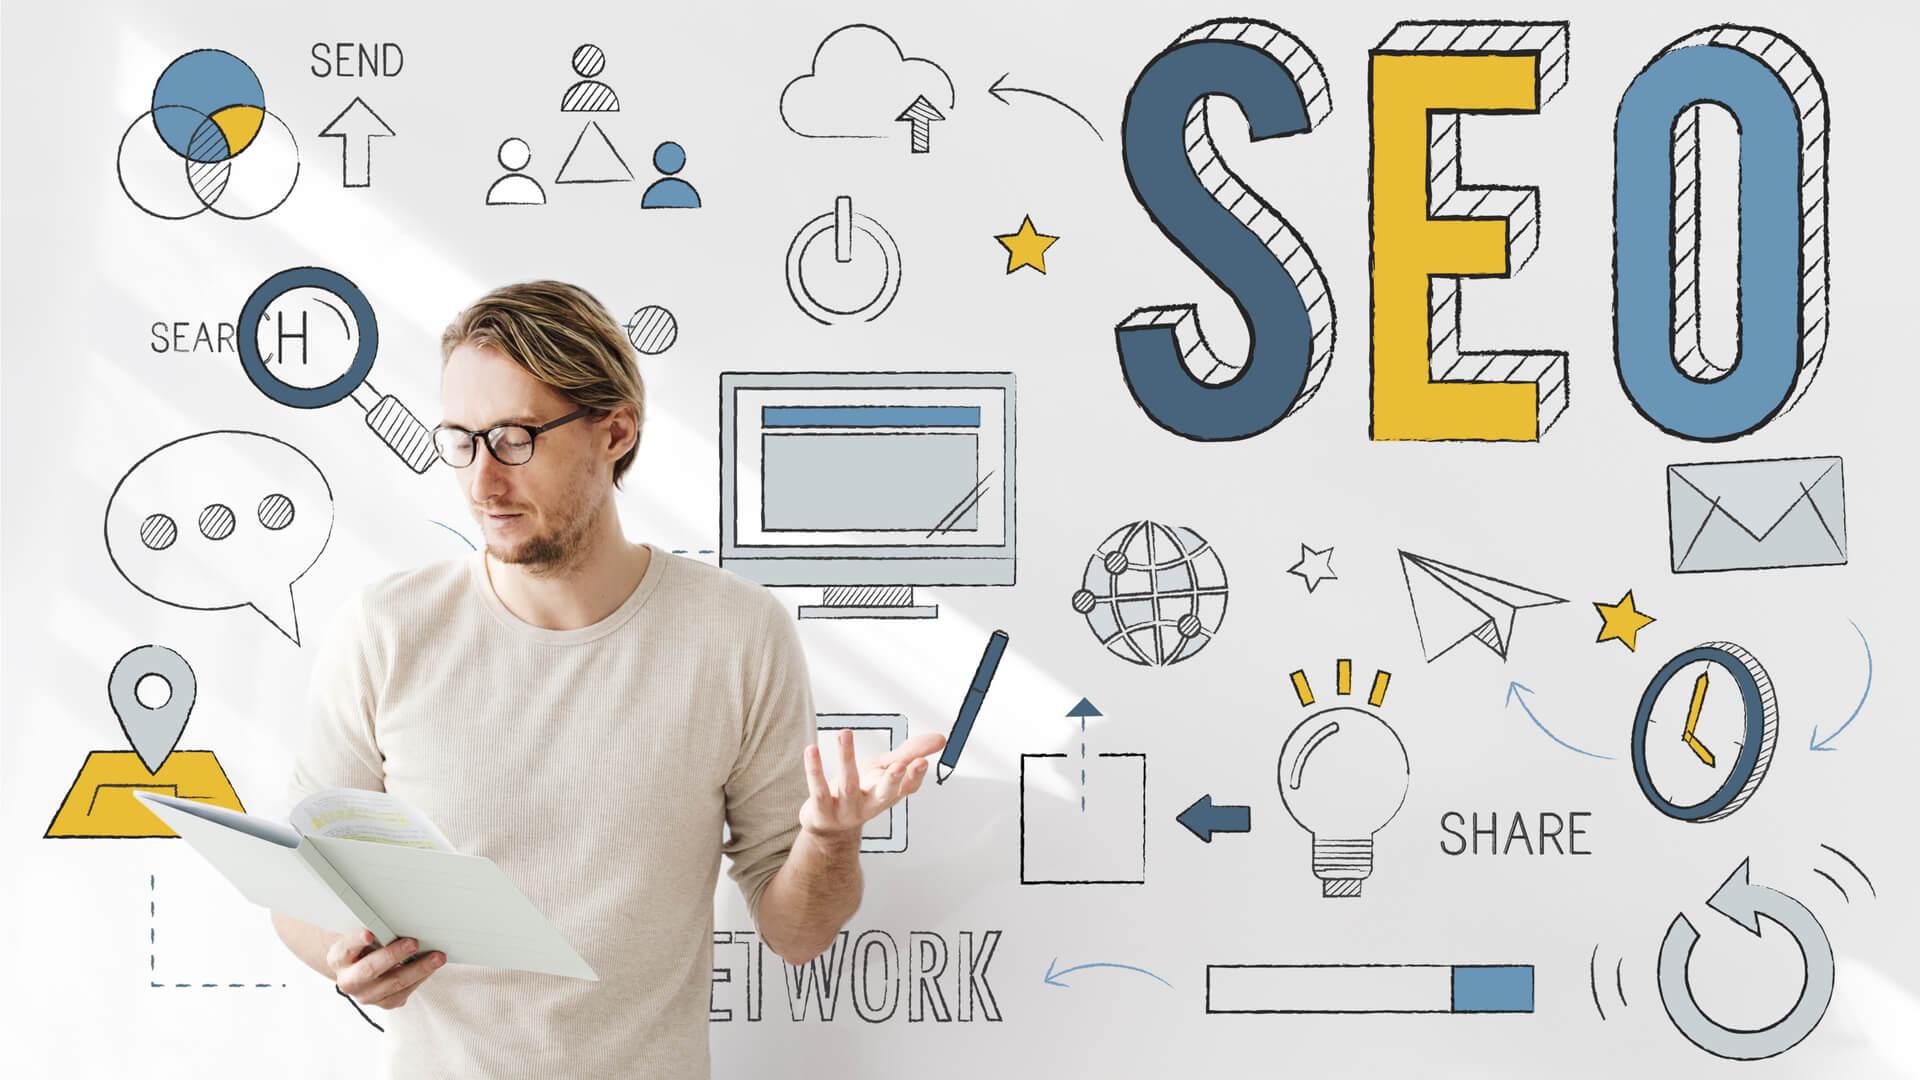 تولید محتوای الکترونیکی و رابطه آن با بهینه سازی آموزشی